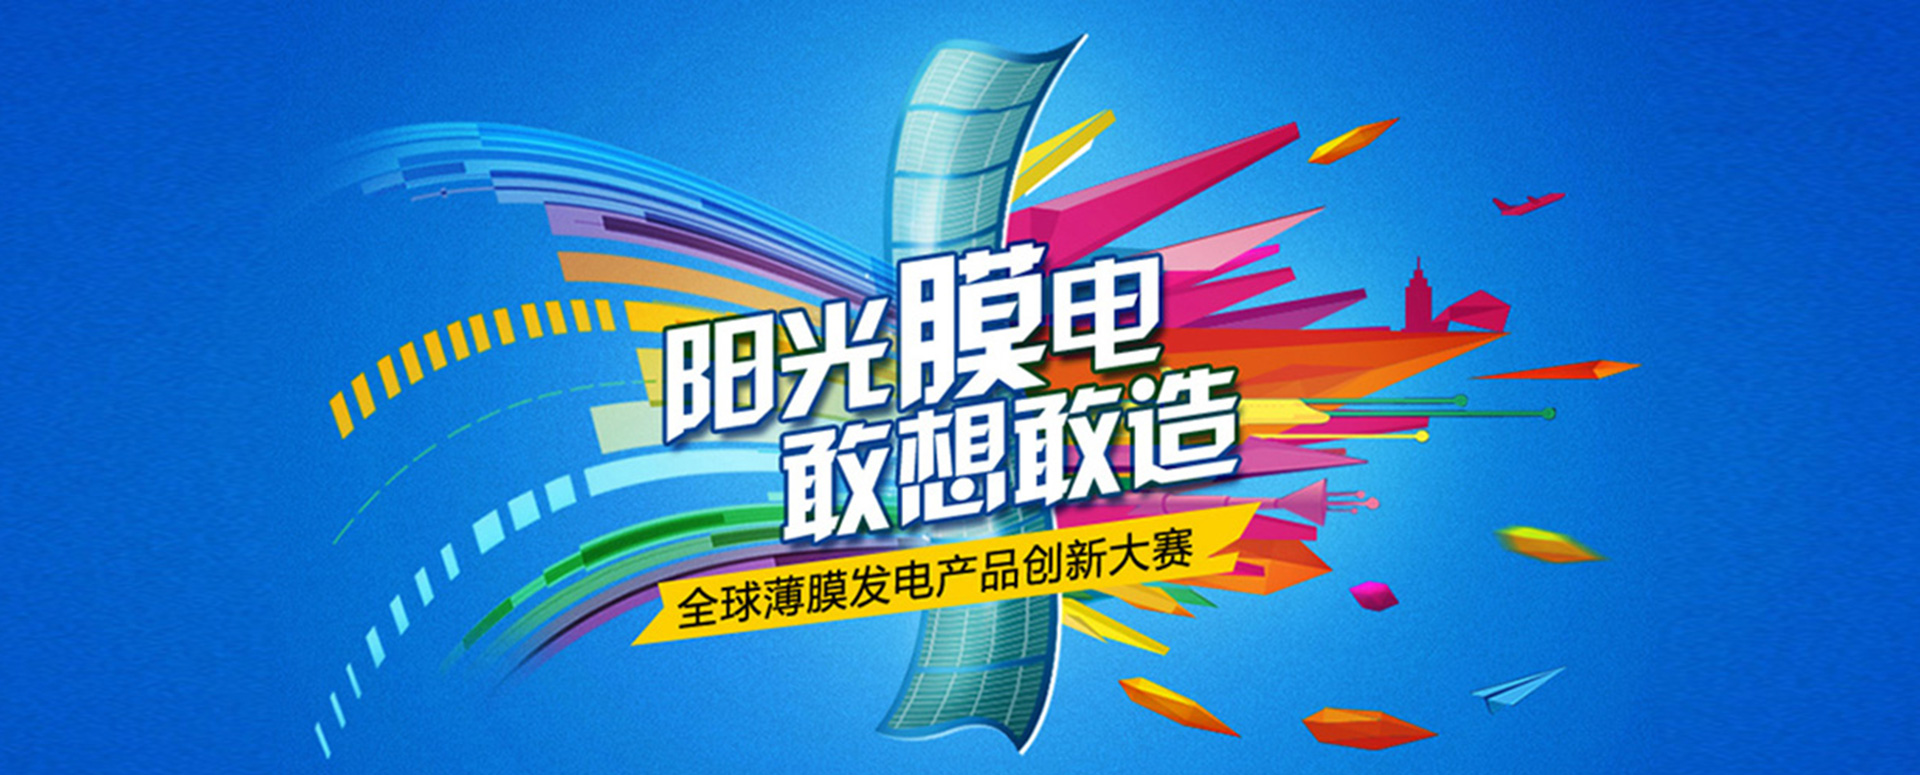 汉能全球薄膜发电产品创新设计大赛